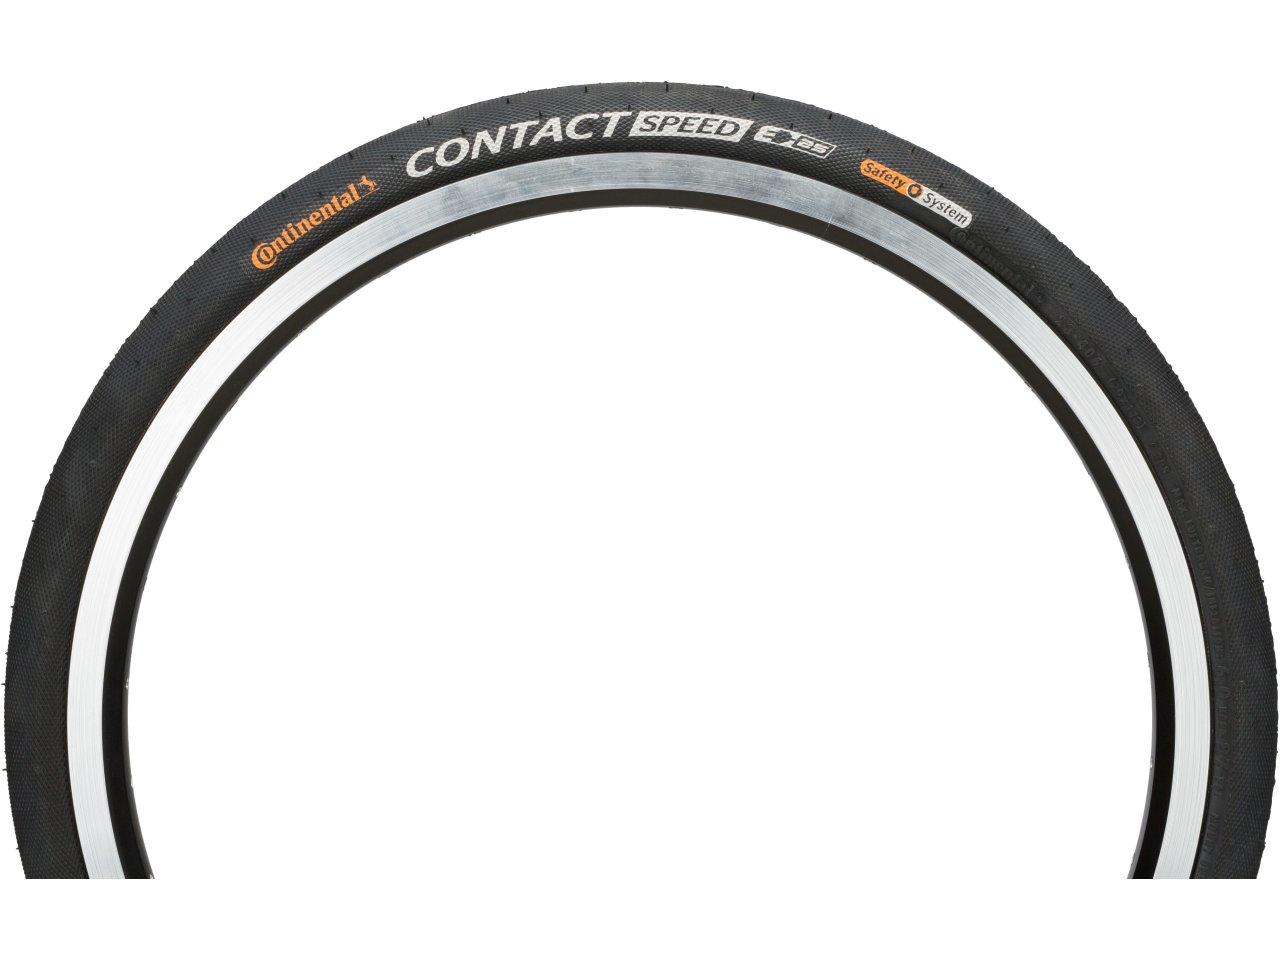 Continental Contact Speed Schwarz Reflex Fahrrad-Drahtreifen E-25 Pannenschutz